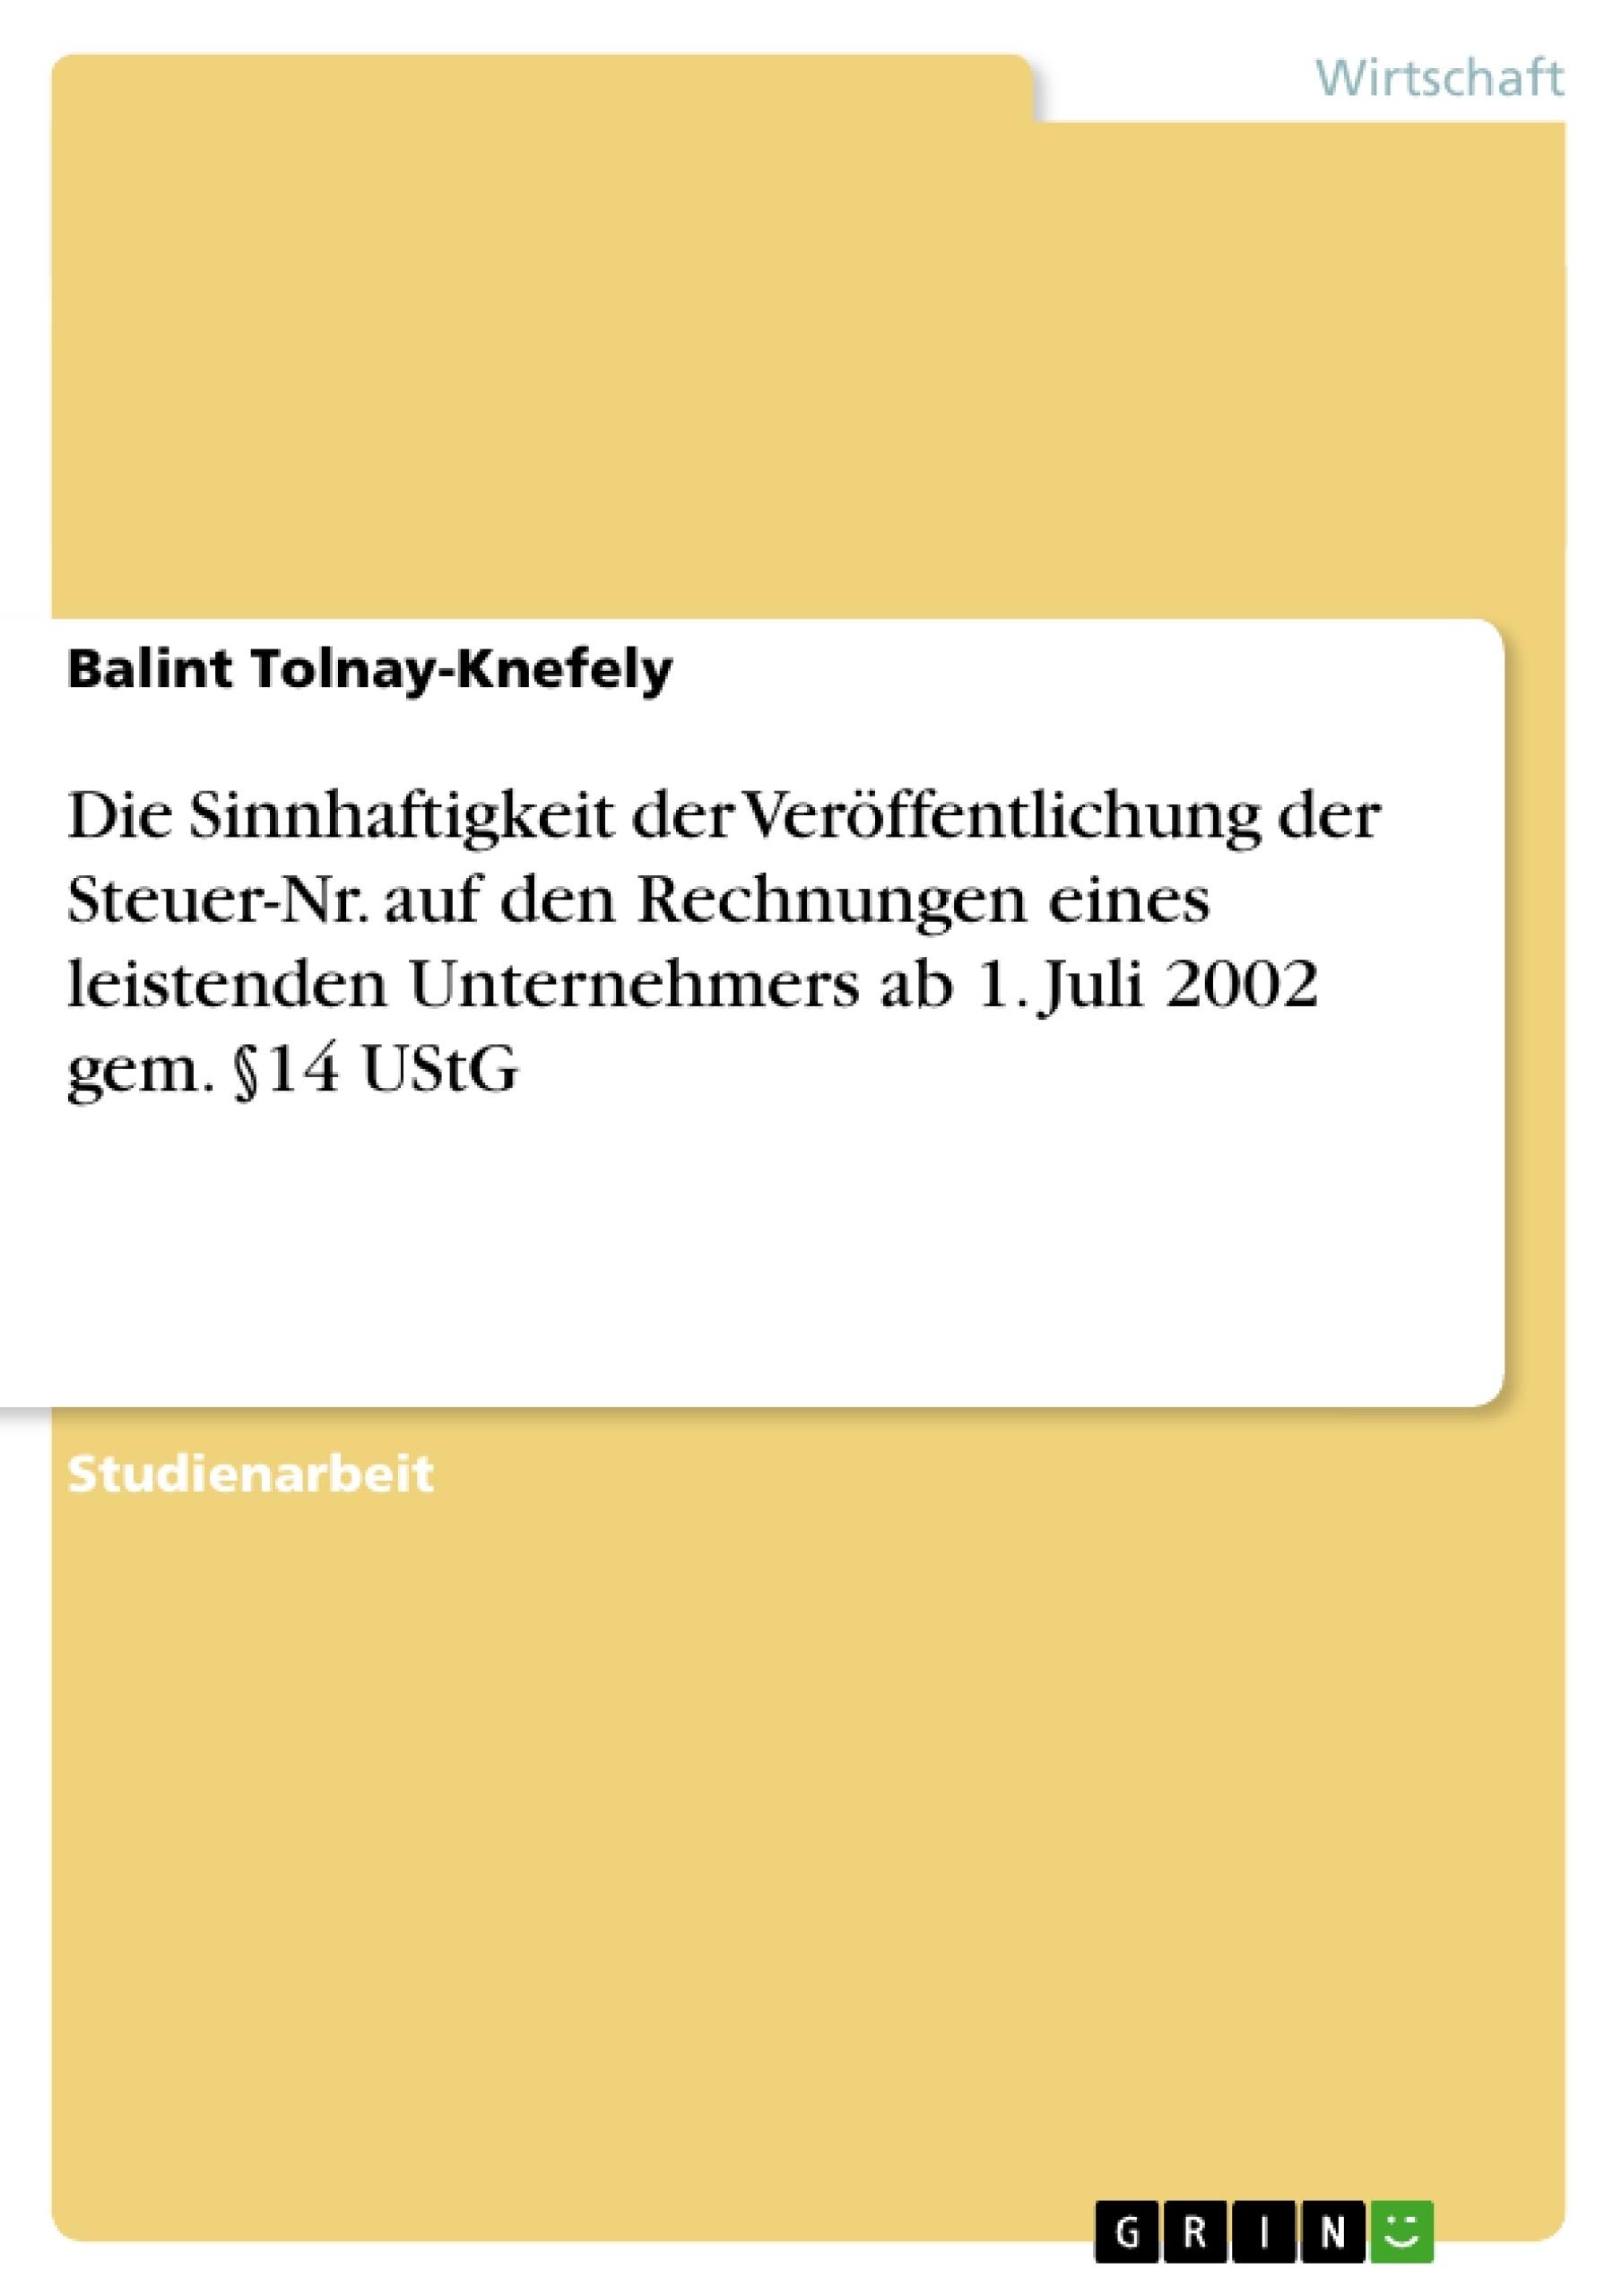 Titel: Die Sinnhaftigkeit der Veröffentlichung der Steuer-Nr.  auf den Rechnungen eines leistenden Unternehmers  ab 1. Juli 2002 gem. §14 UStG